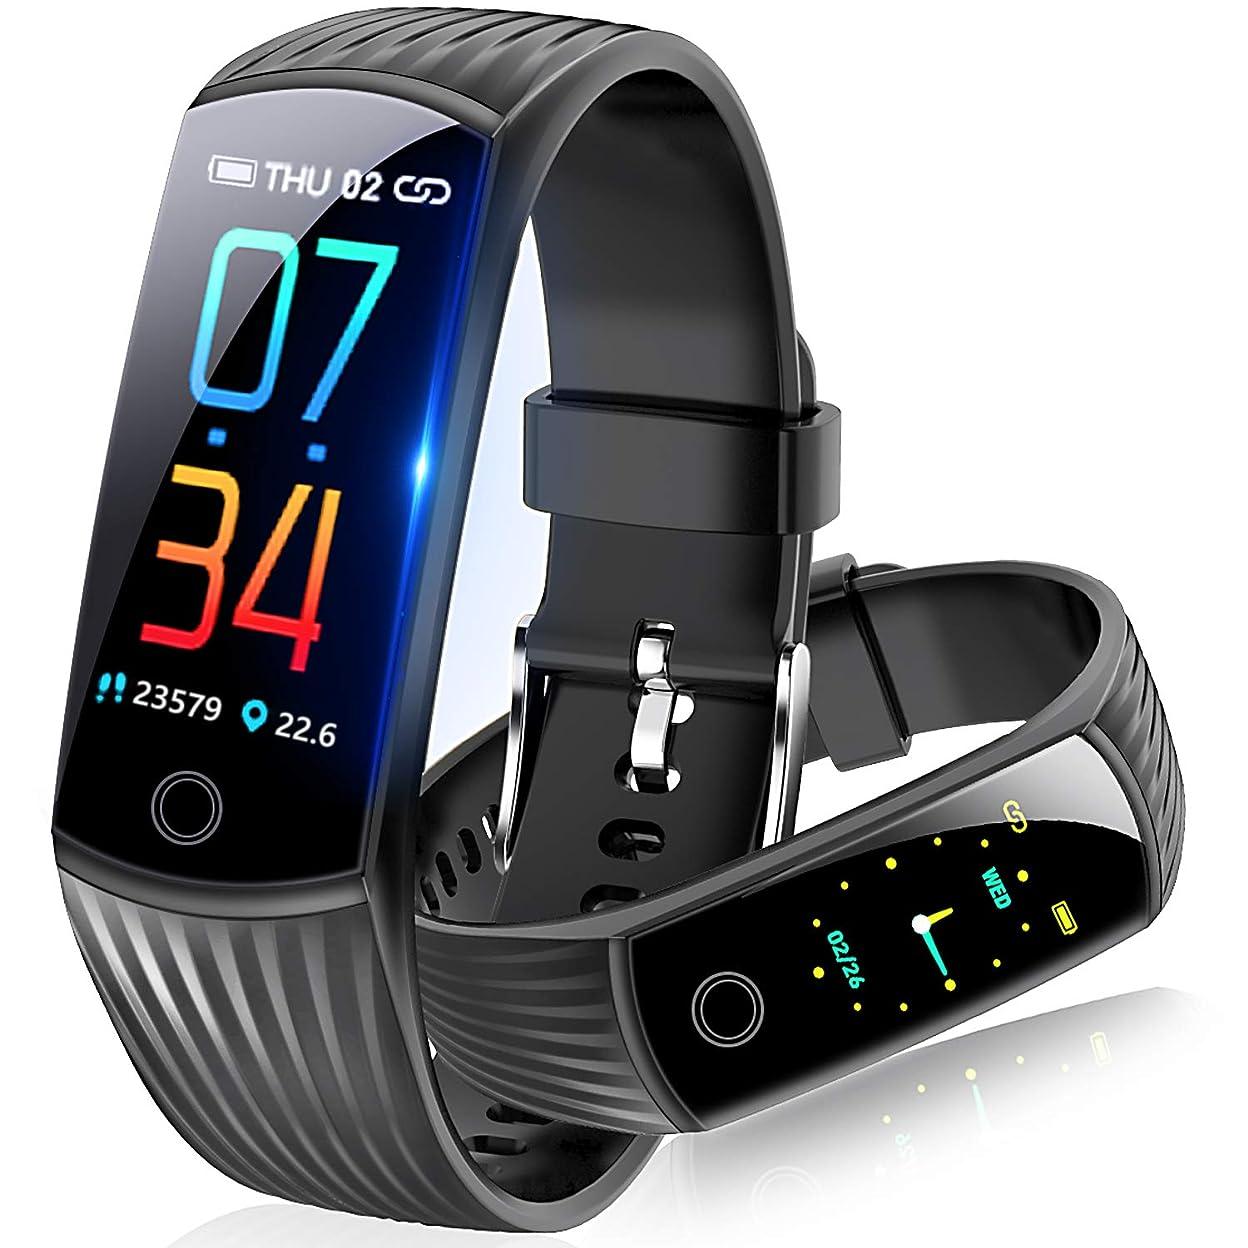 もし名前を作る根拠スマートウォッチ 2019最新 血圧計 心拍計 歩数計 スマートブレスレット カラースクリーン 活動量計 防水 電話着信 LINE アプリ通知 消費カロリー 睡眠検測 アラーム 腕時計 レディース メンズ iphone/Android 日本語対応